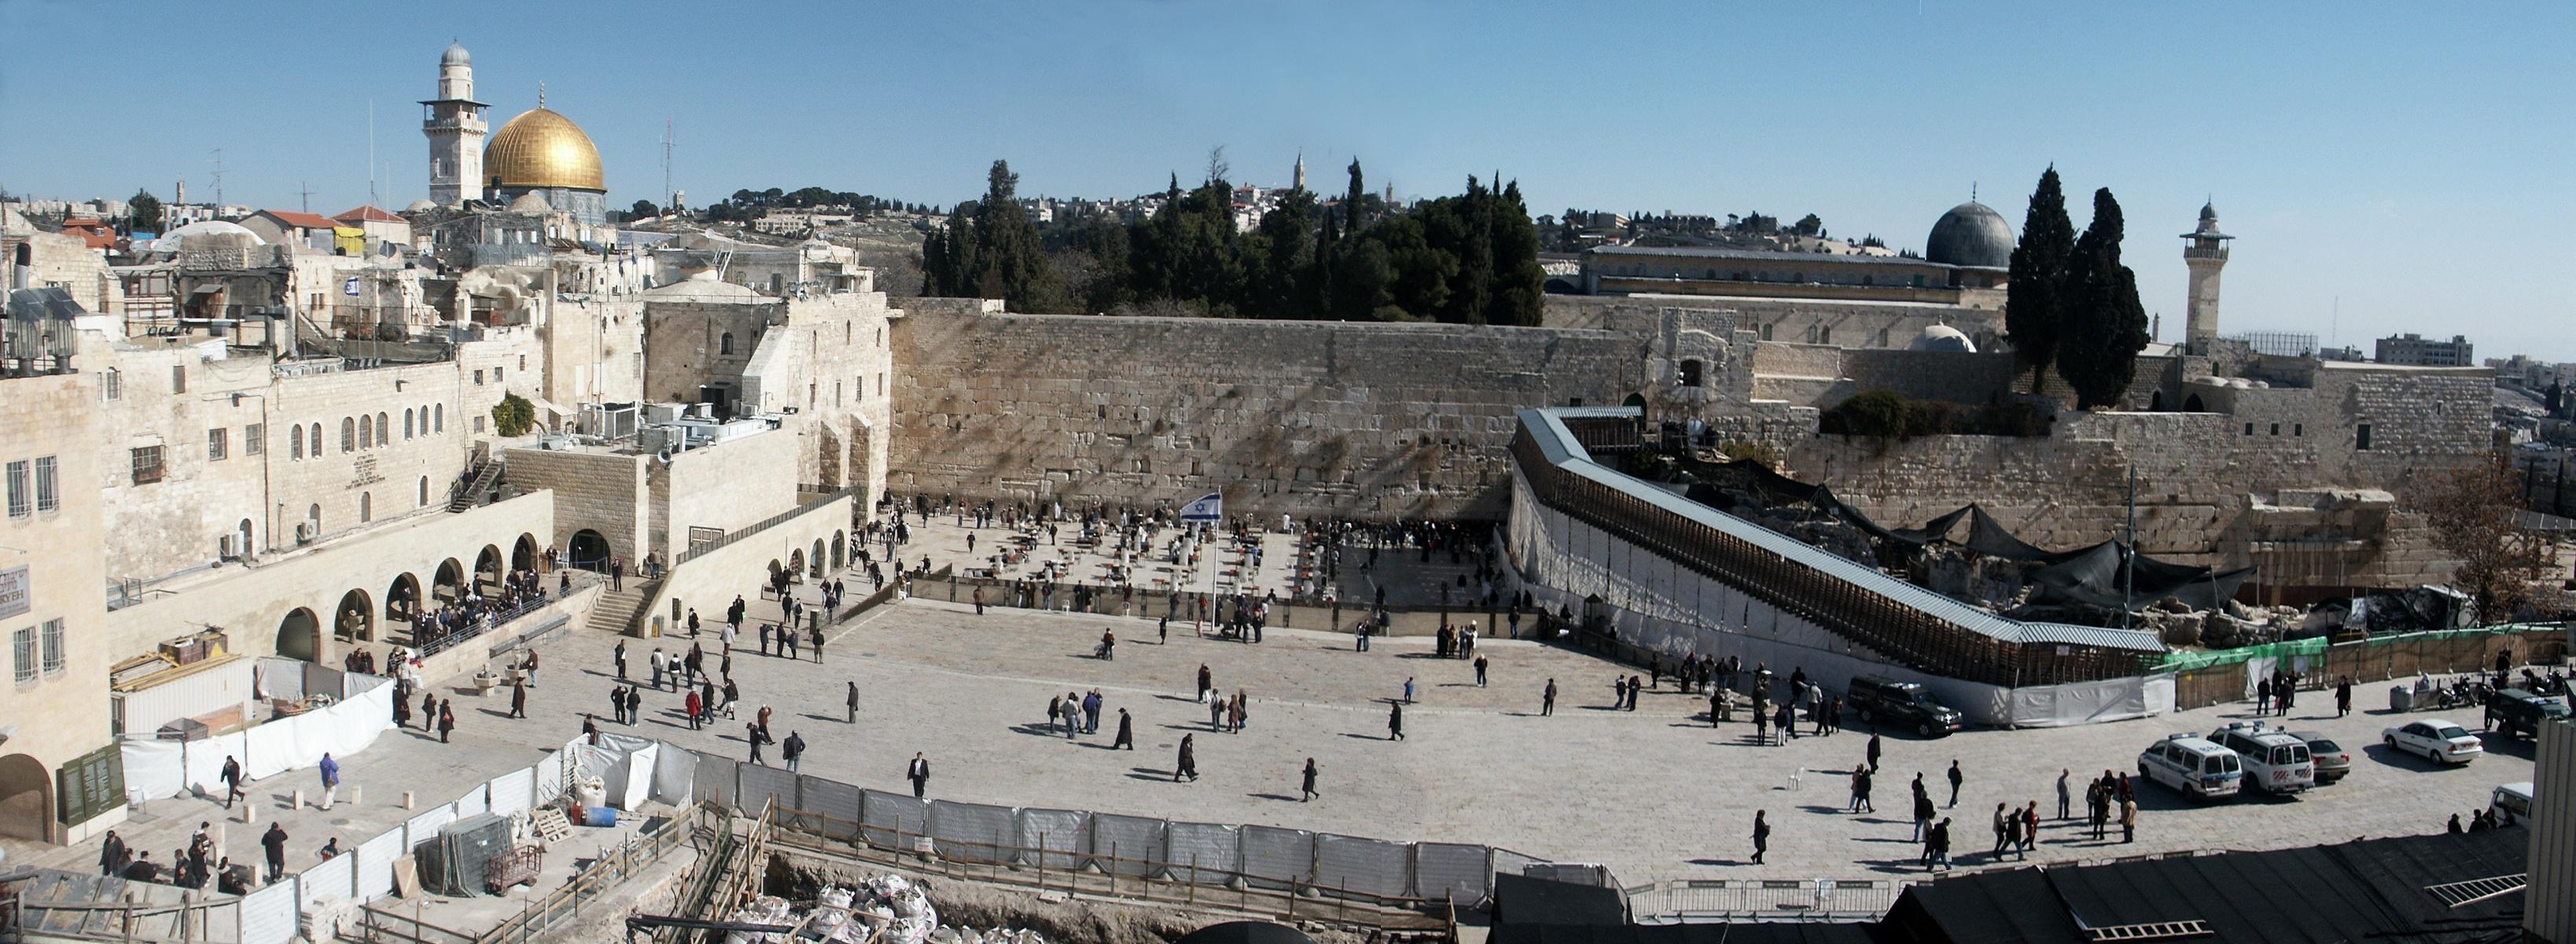 הכותל המערבי , הר הבית והחפירות הארכיאולוגיות - צילום: Assaf Shtilman